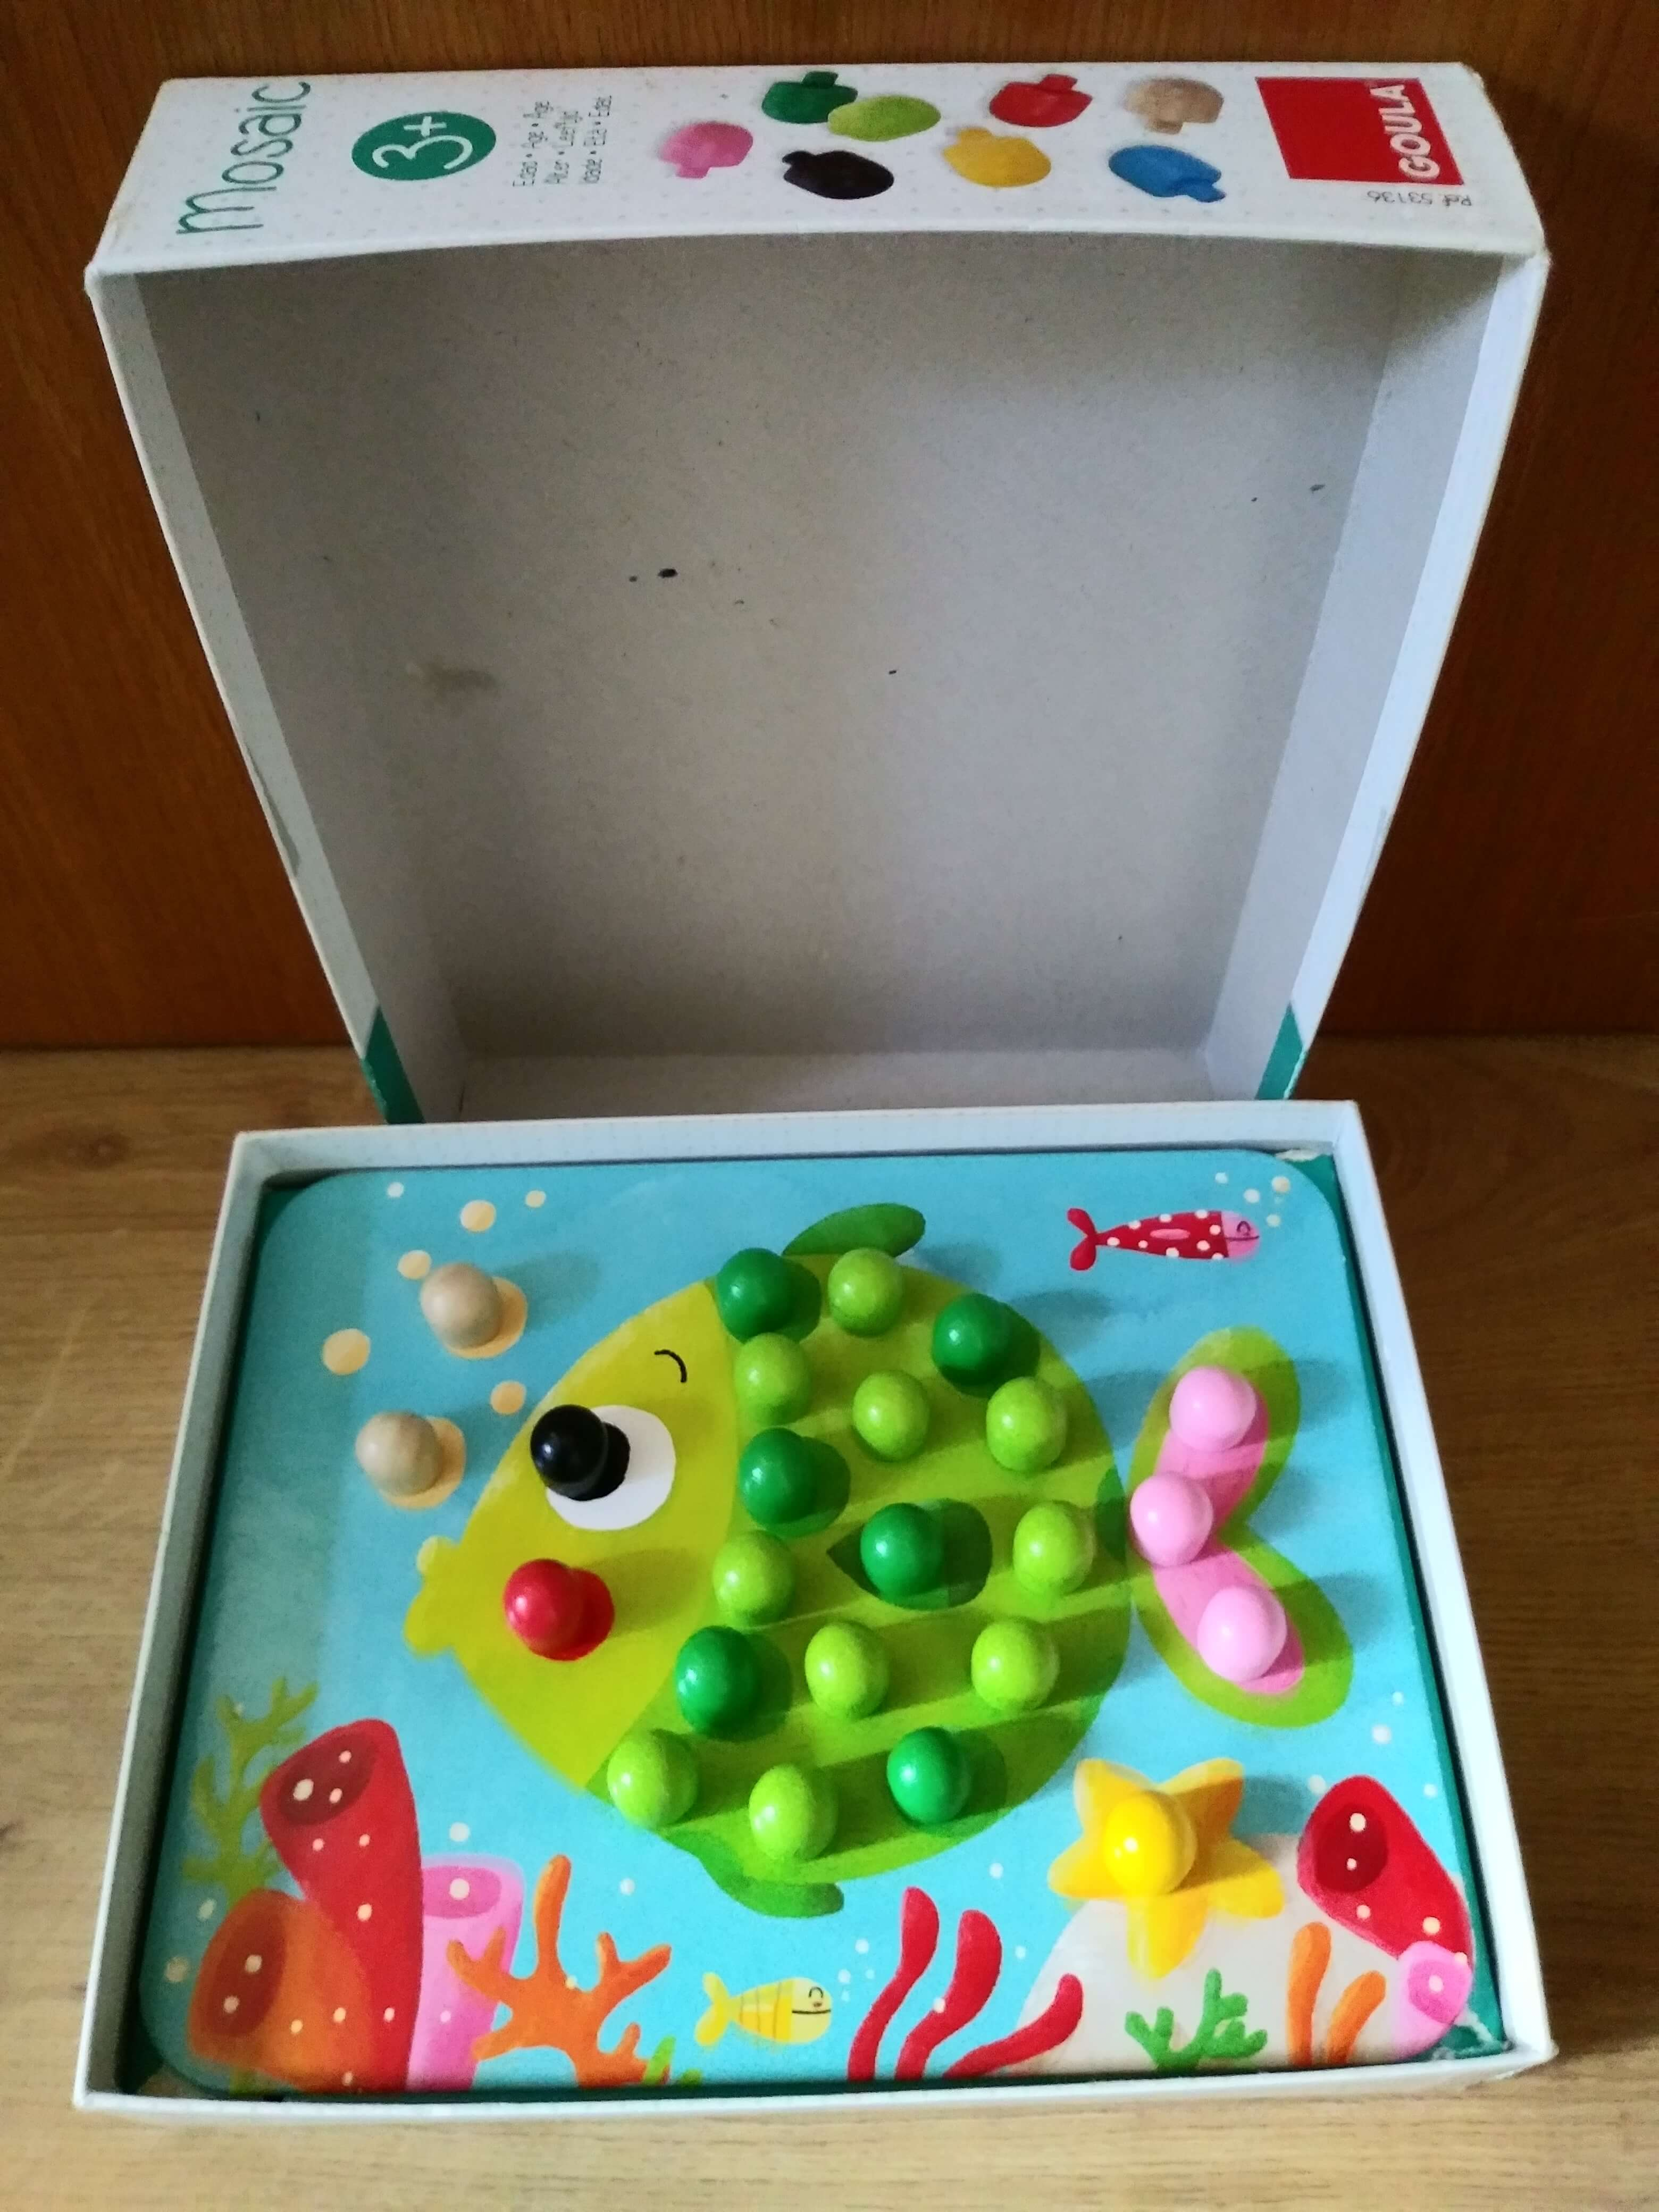 Juegos Educativos Para Ninos De 3 A 6 Anos De Edad